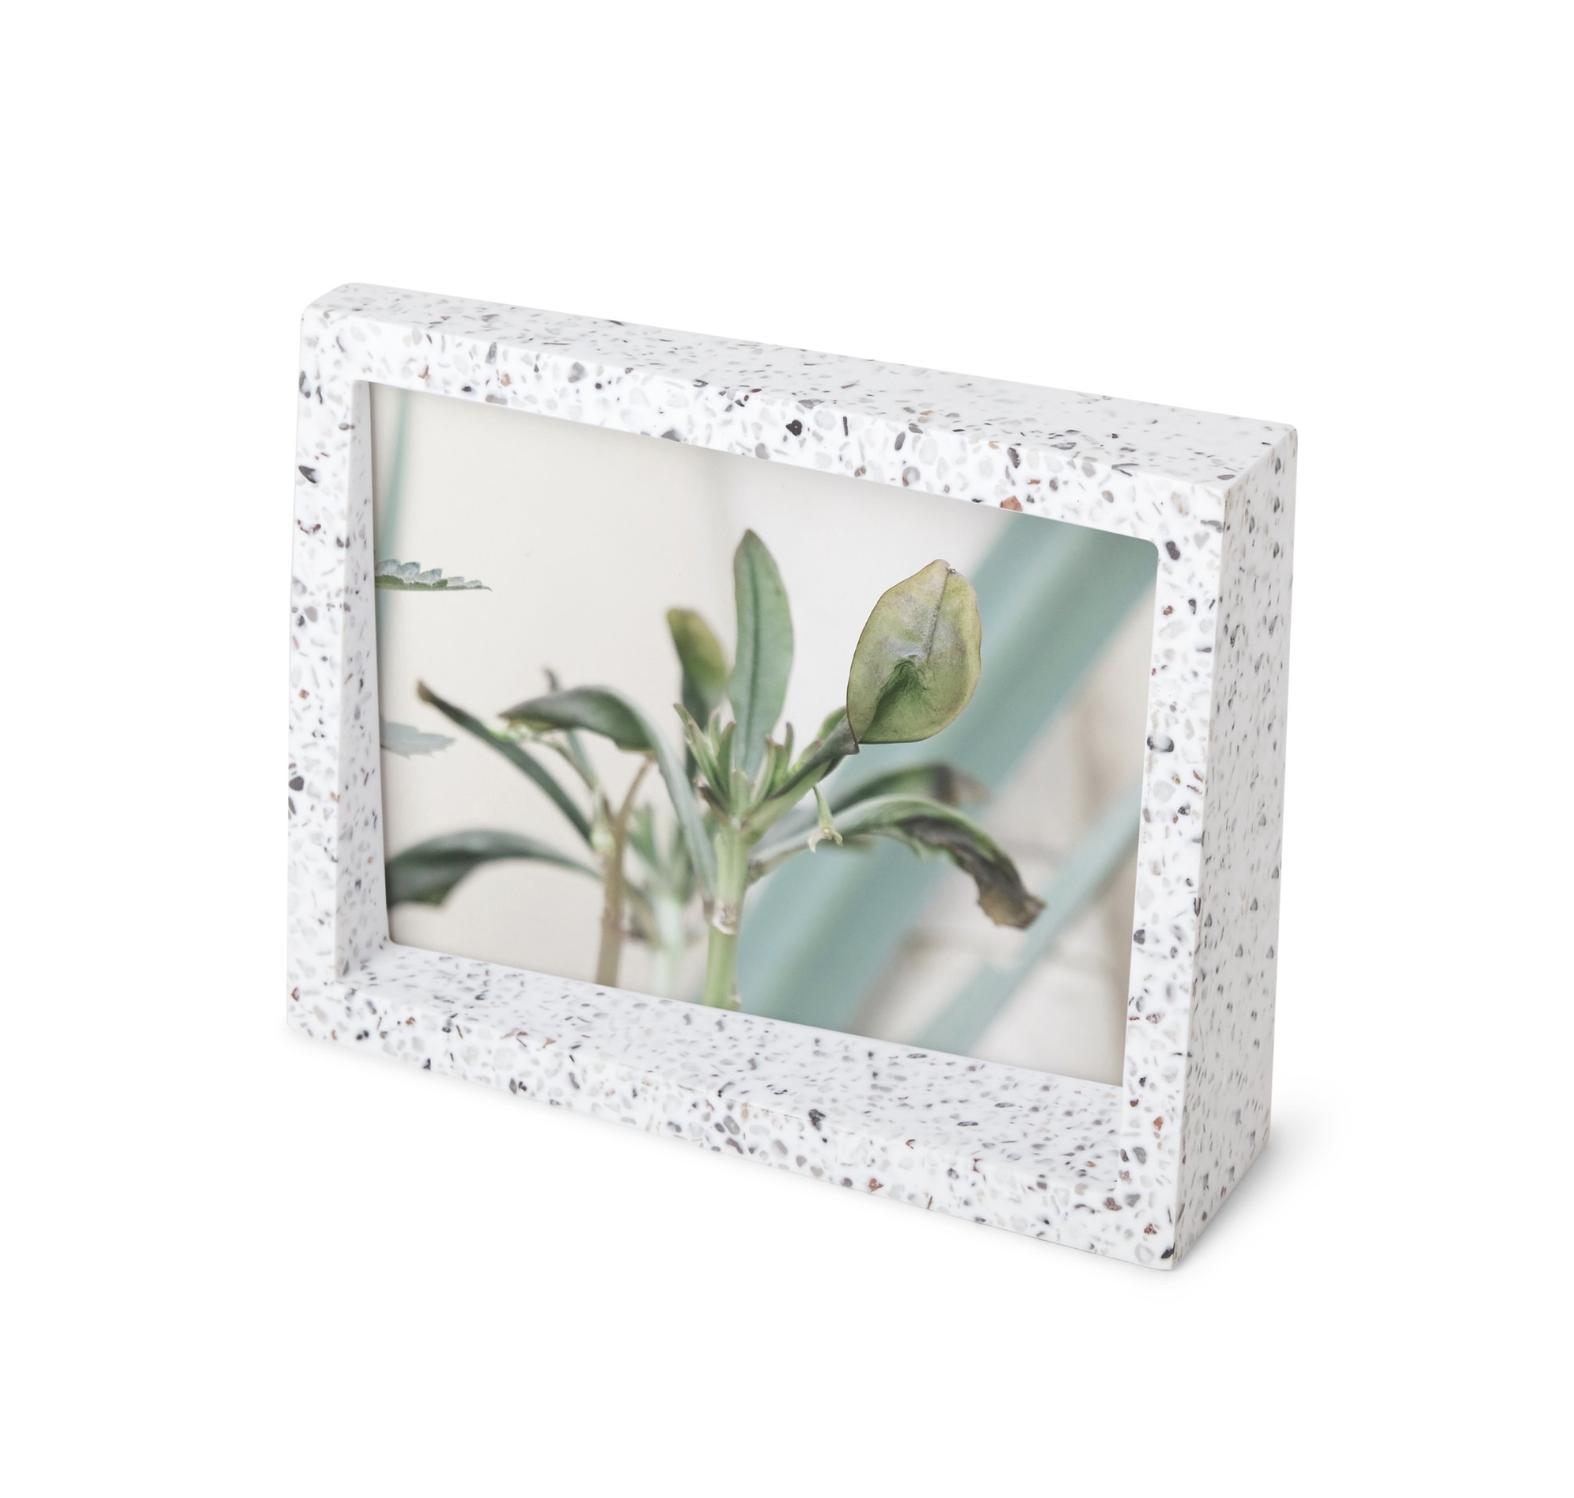 Terrazzo Picture Frames-3